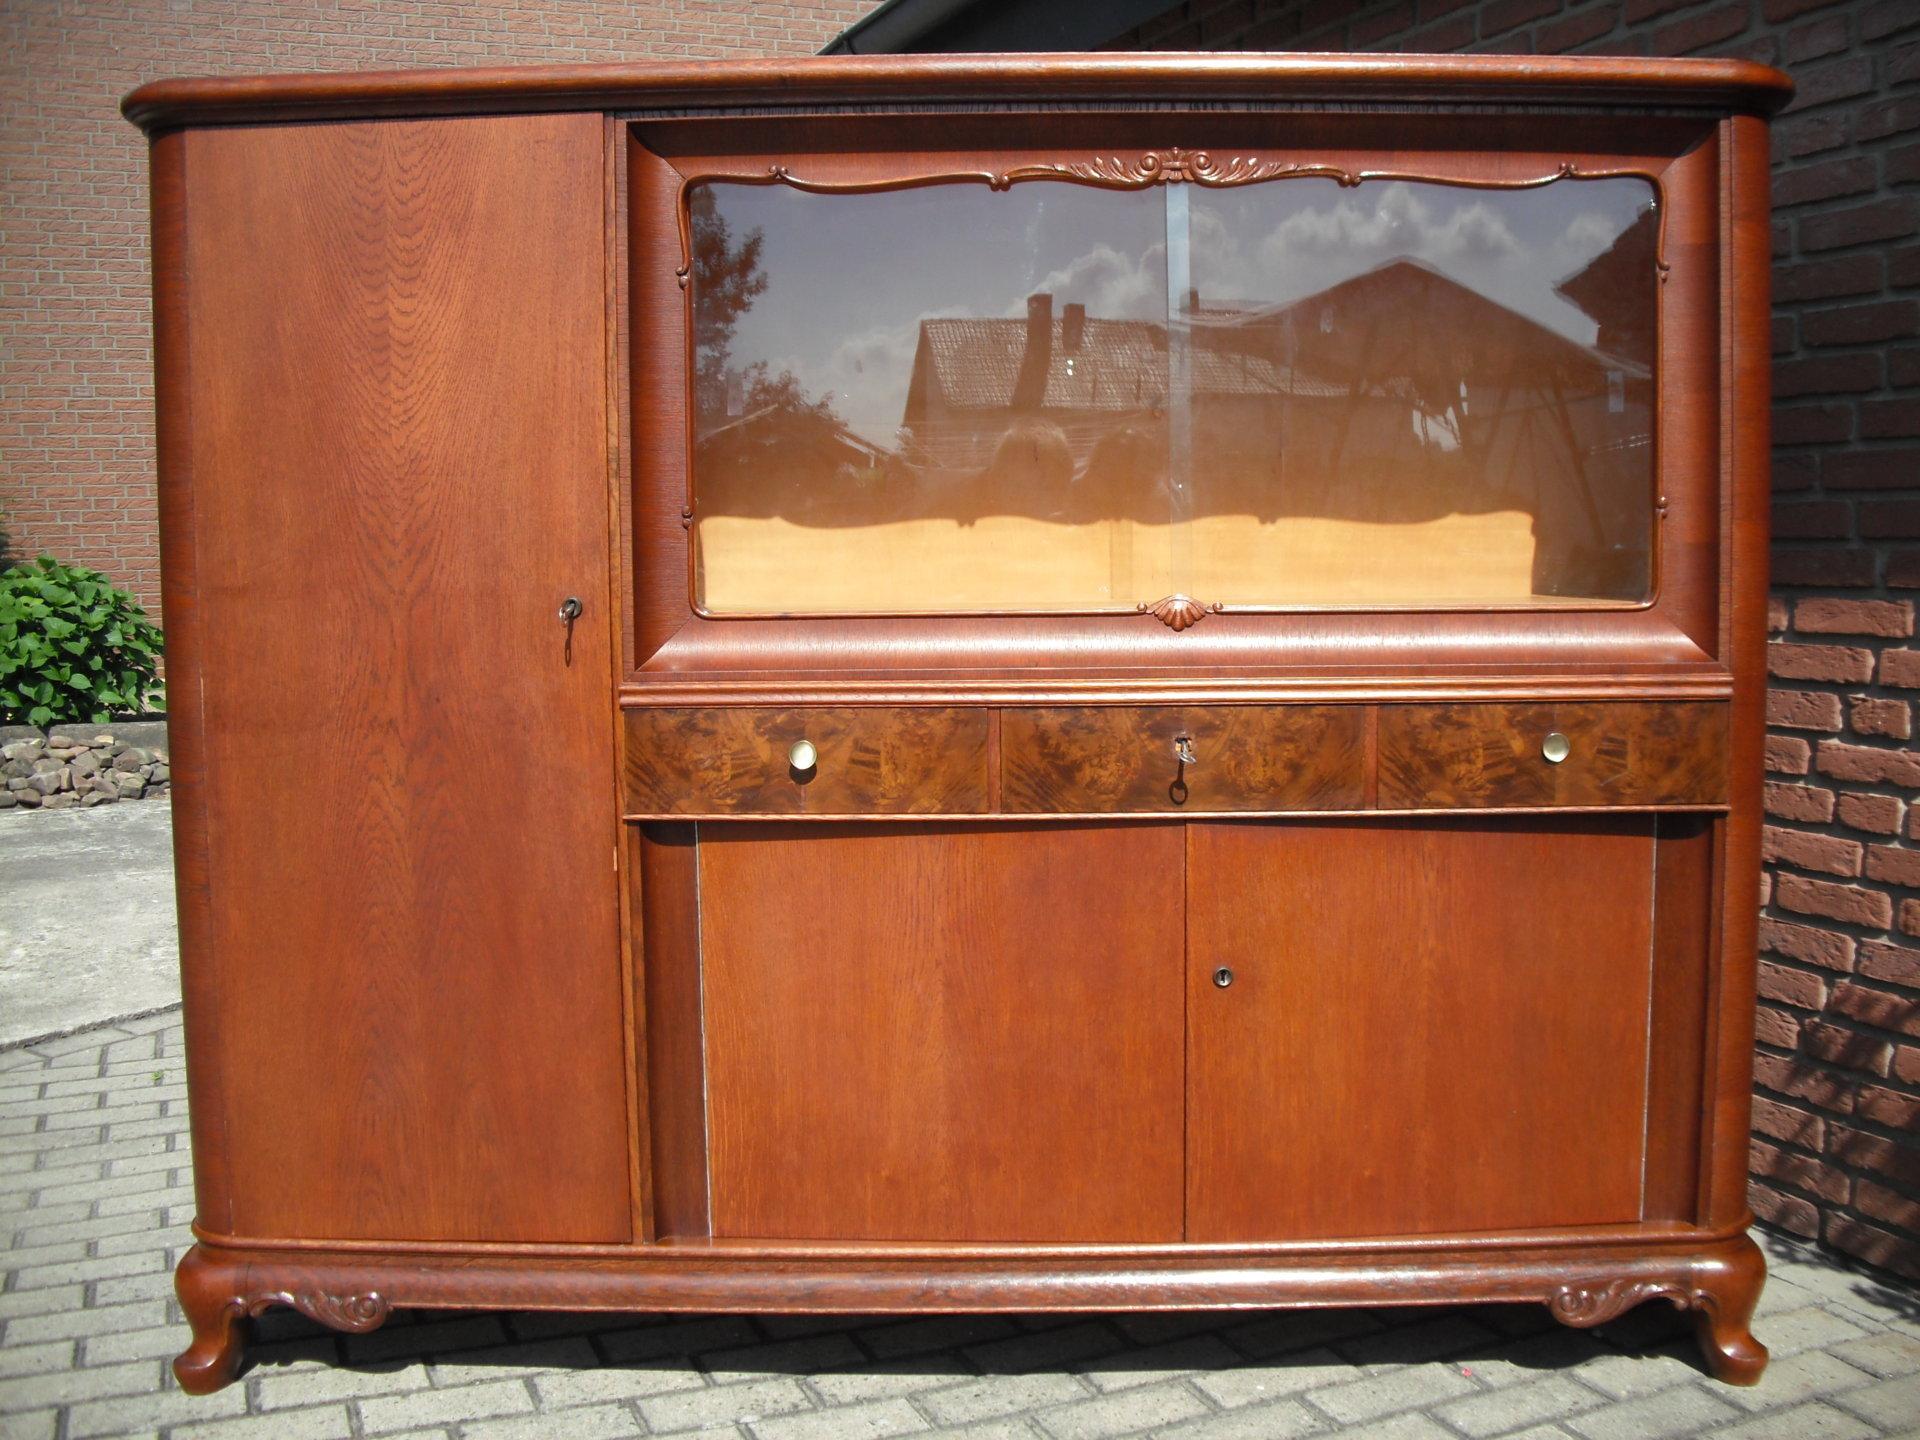 m bel und haushalt kleinanzeigen in bielefeld. Black Bedroom Furniture Sets. Home Design Ideas